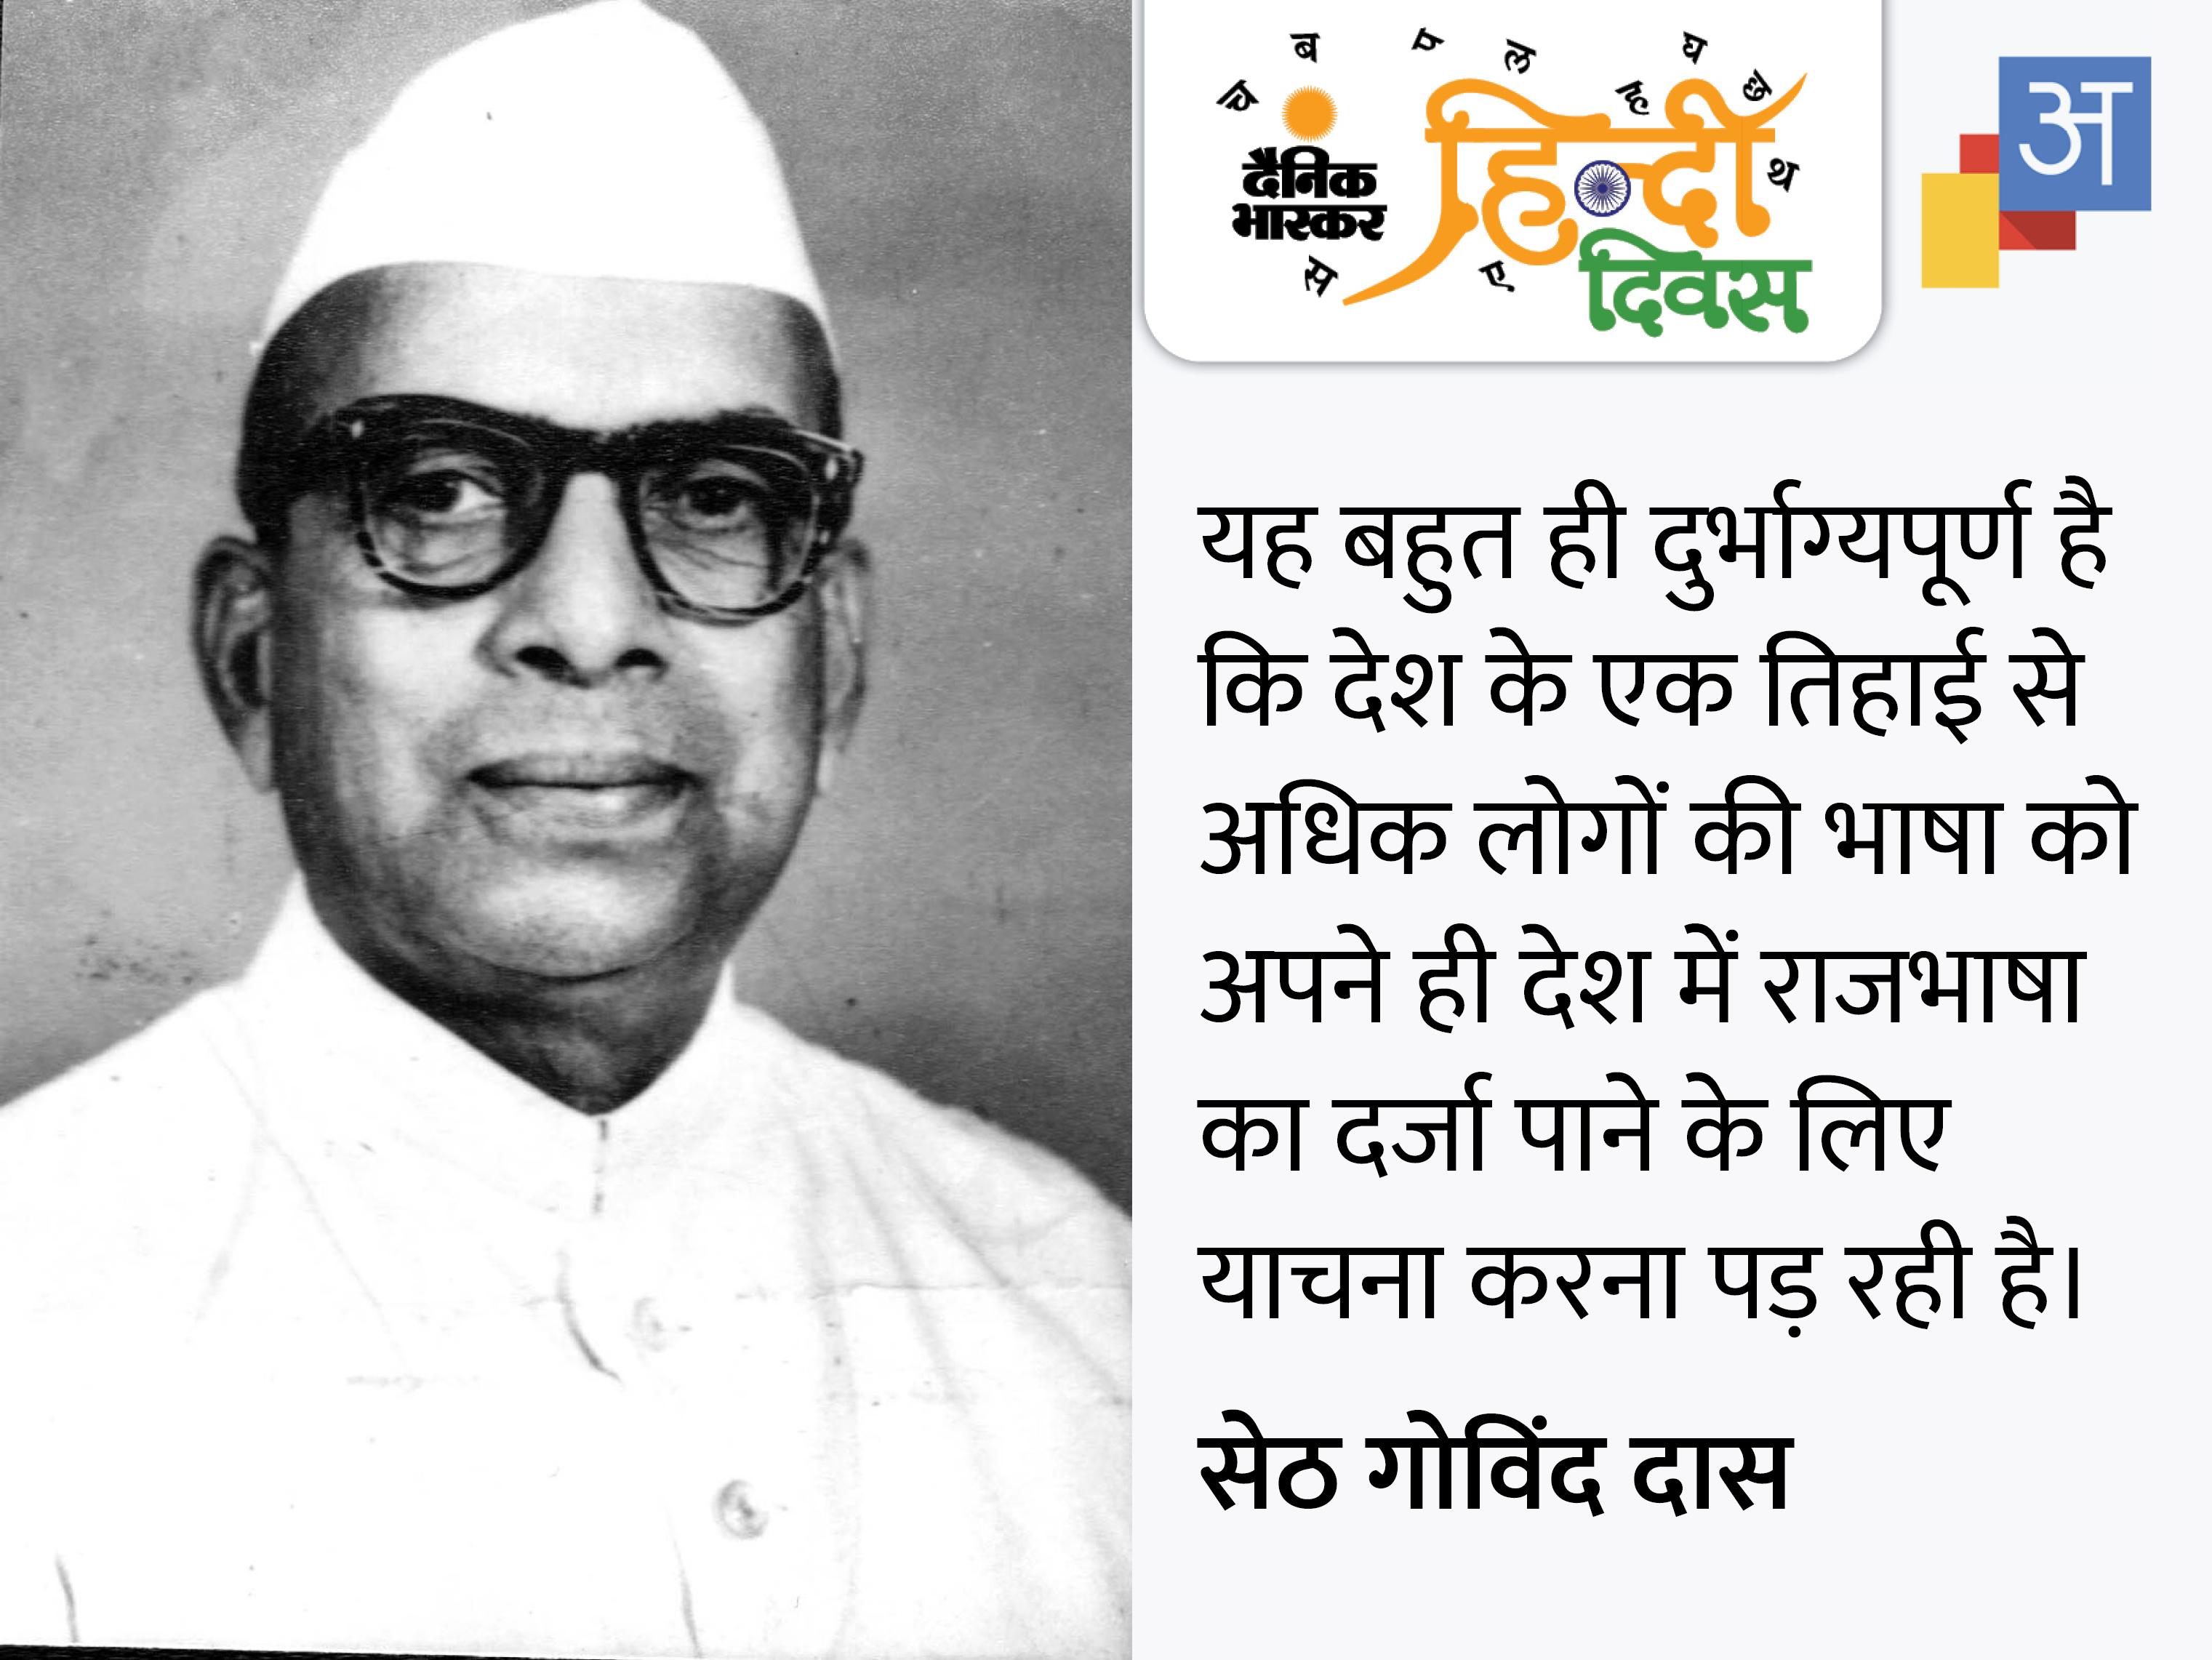 जबलपुर के पहले सांसद सेठ गोविंद दास हिन्दी को राष्ट्रभाषा बनाने के लिए संसद में नेहरू से भी भिड़ गए थे|जबलपुर,Jabalpur - Dainik Bhaskar